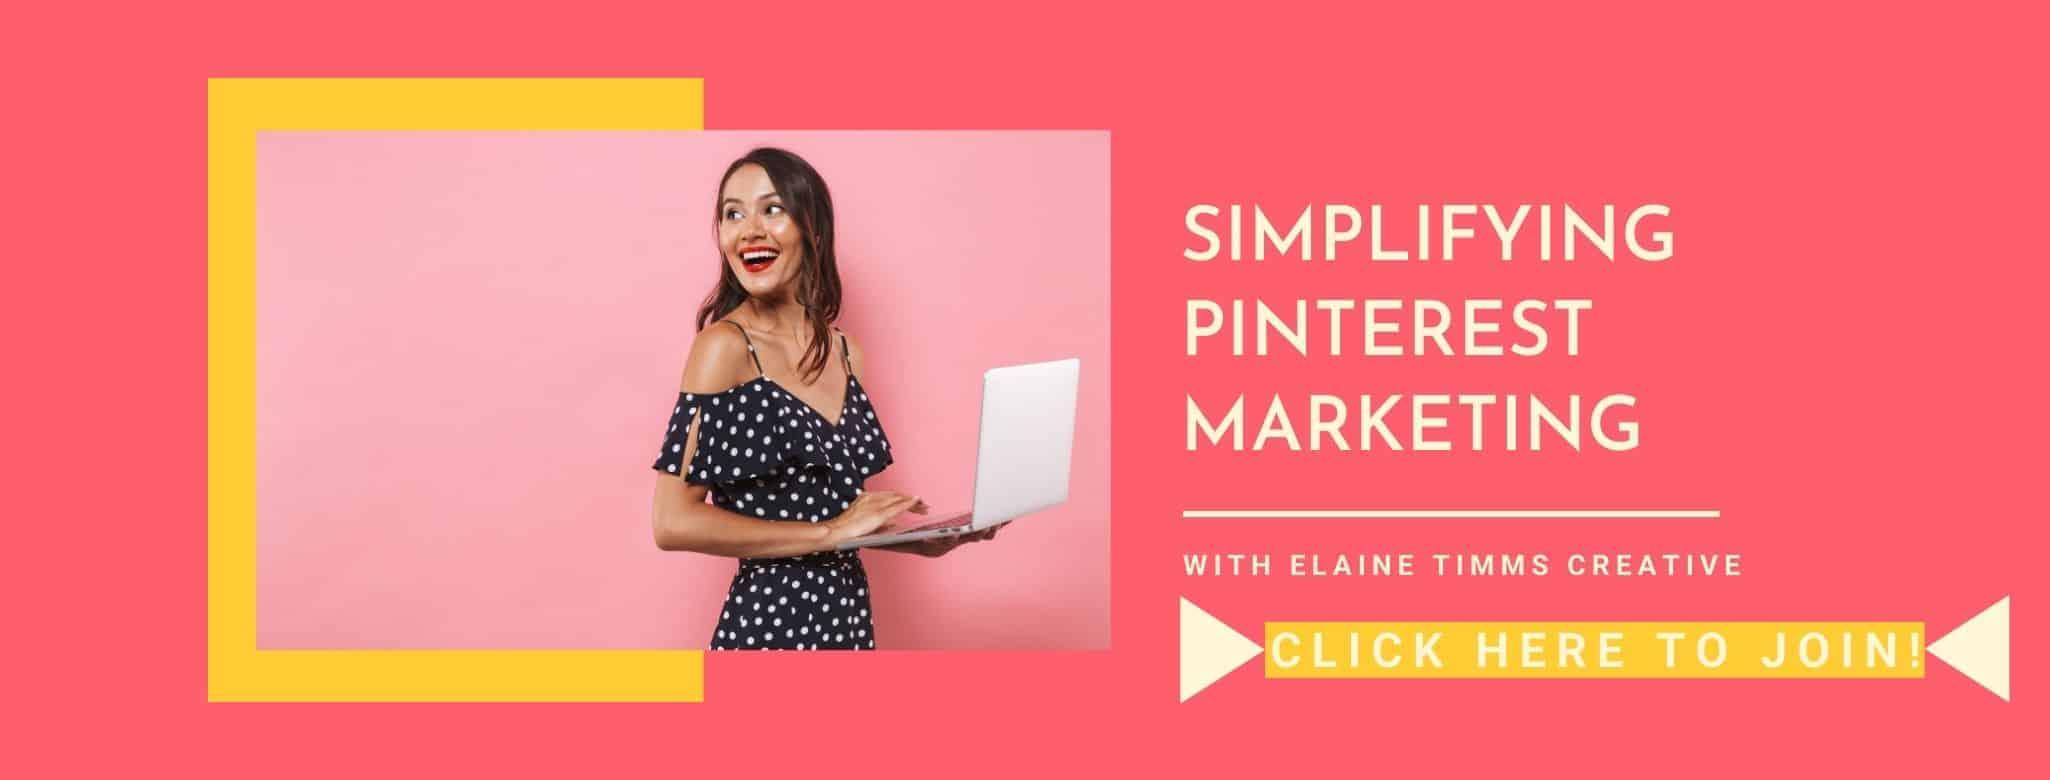 Making Pinterest marketing easy to understand for female entrepreneurs